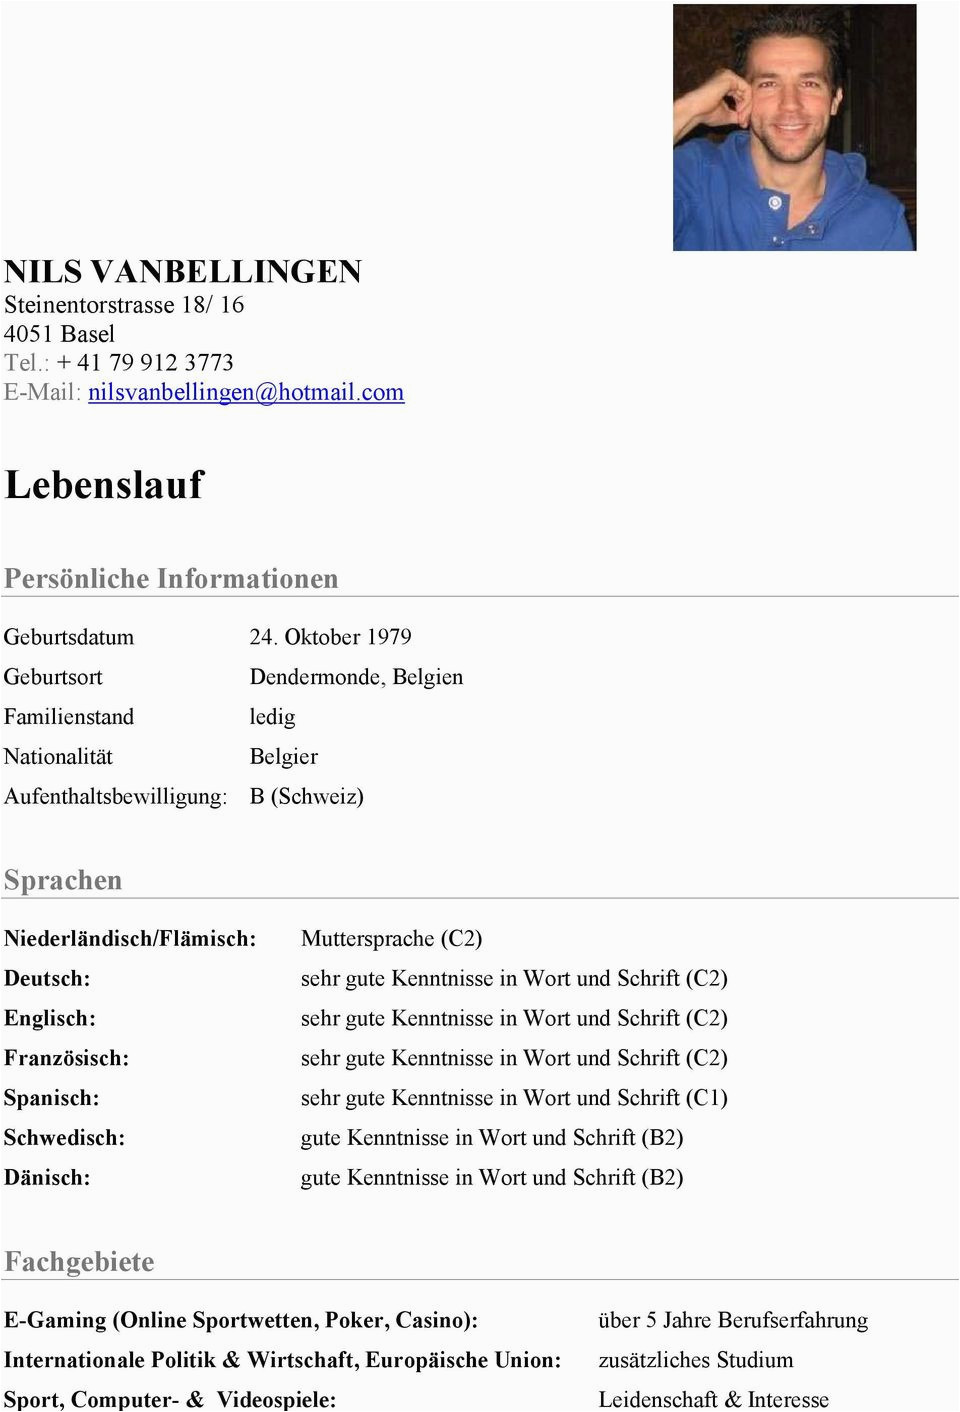 Deutsch In Wort Und Schrift Lebenslauf Muttersprache C2 Sehr Gute Kenntnisse In Wort Und Schrift